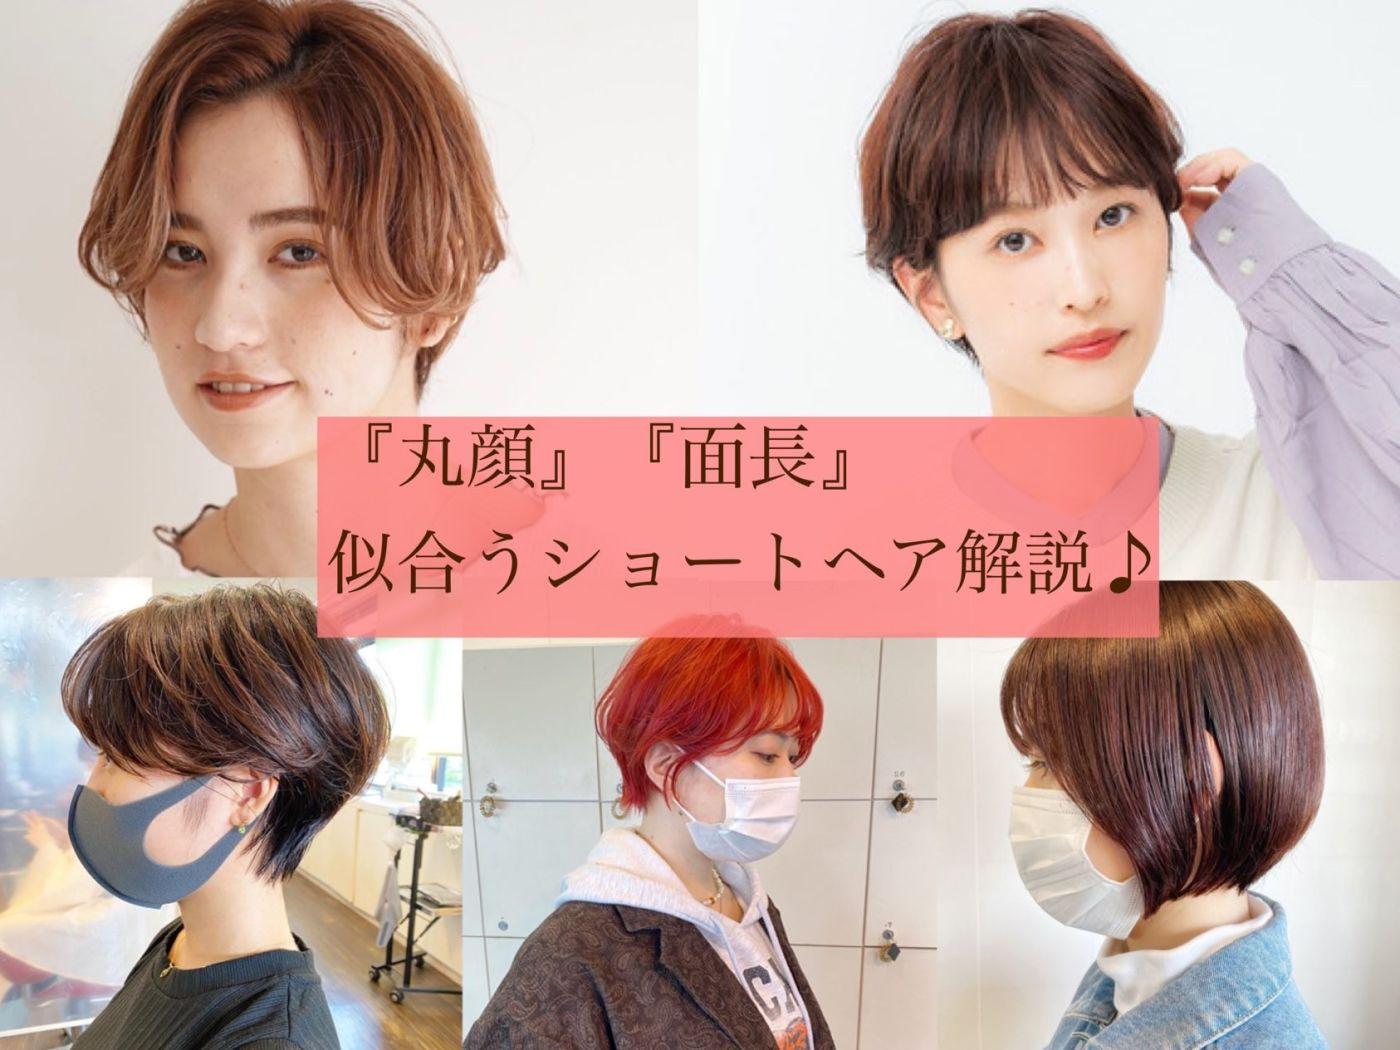 【面長さん】【丸顔さん】に似合うショートヘアの選び方♪解説します(^^)